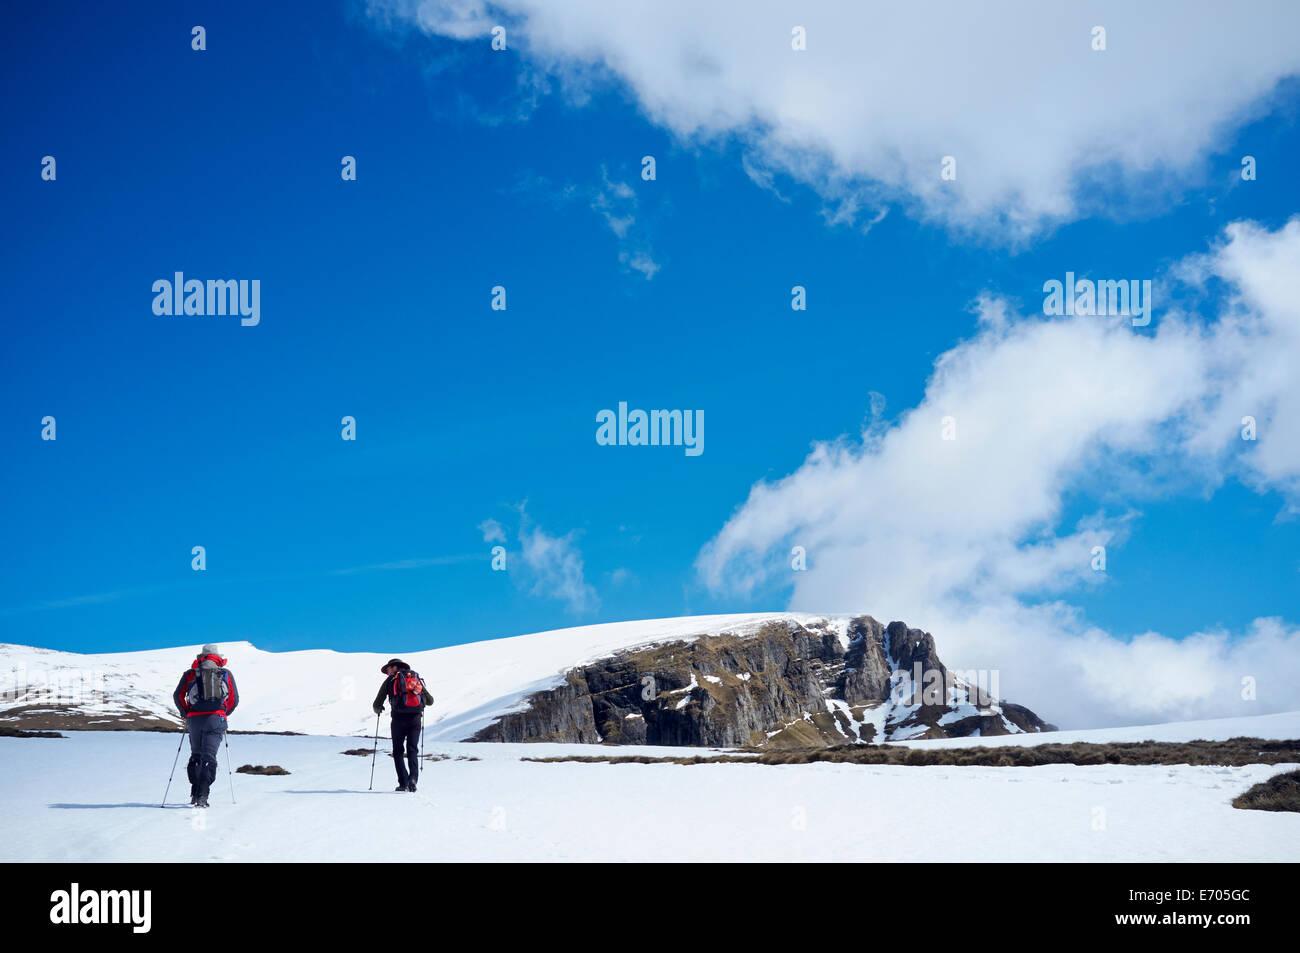 Two men hiking in snow, Bucegi Mountains, Transylvania, Romania - Stock Image